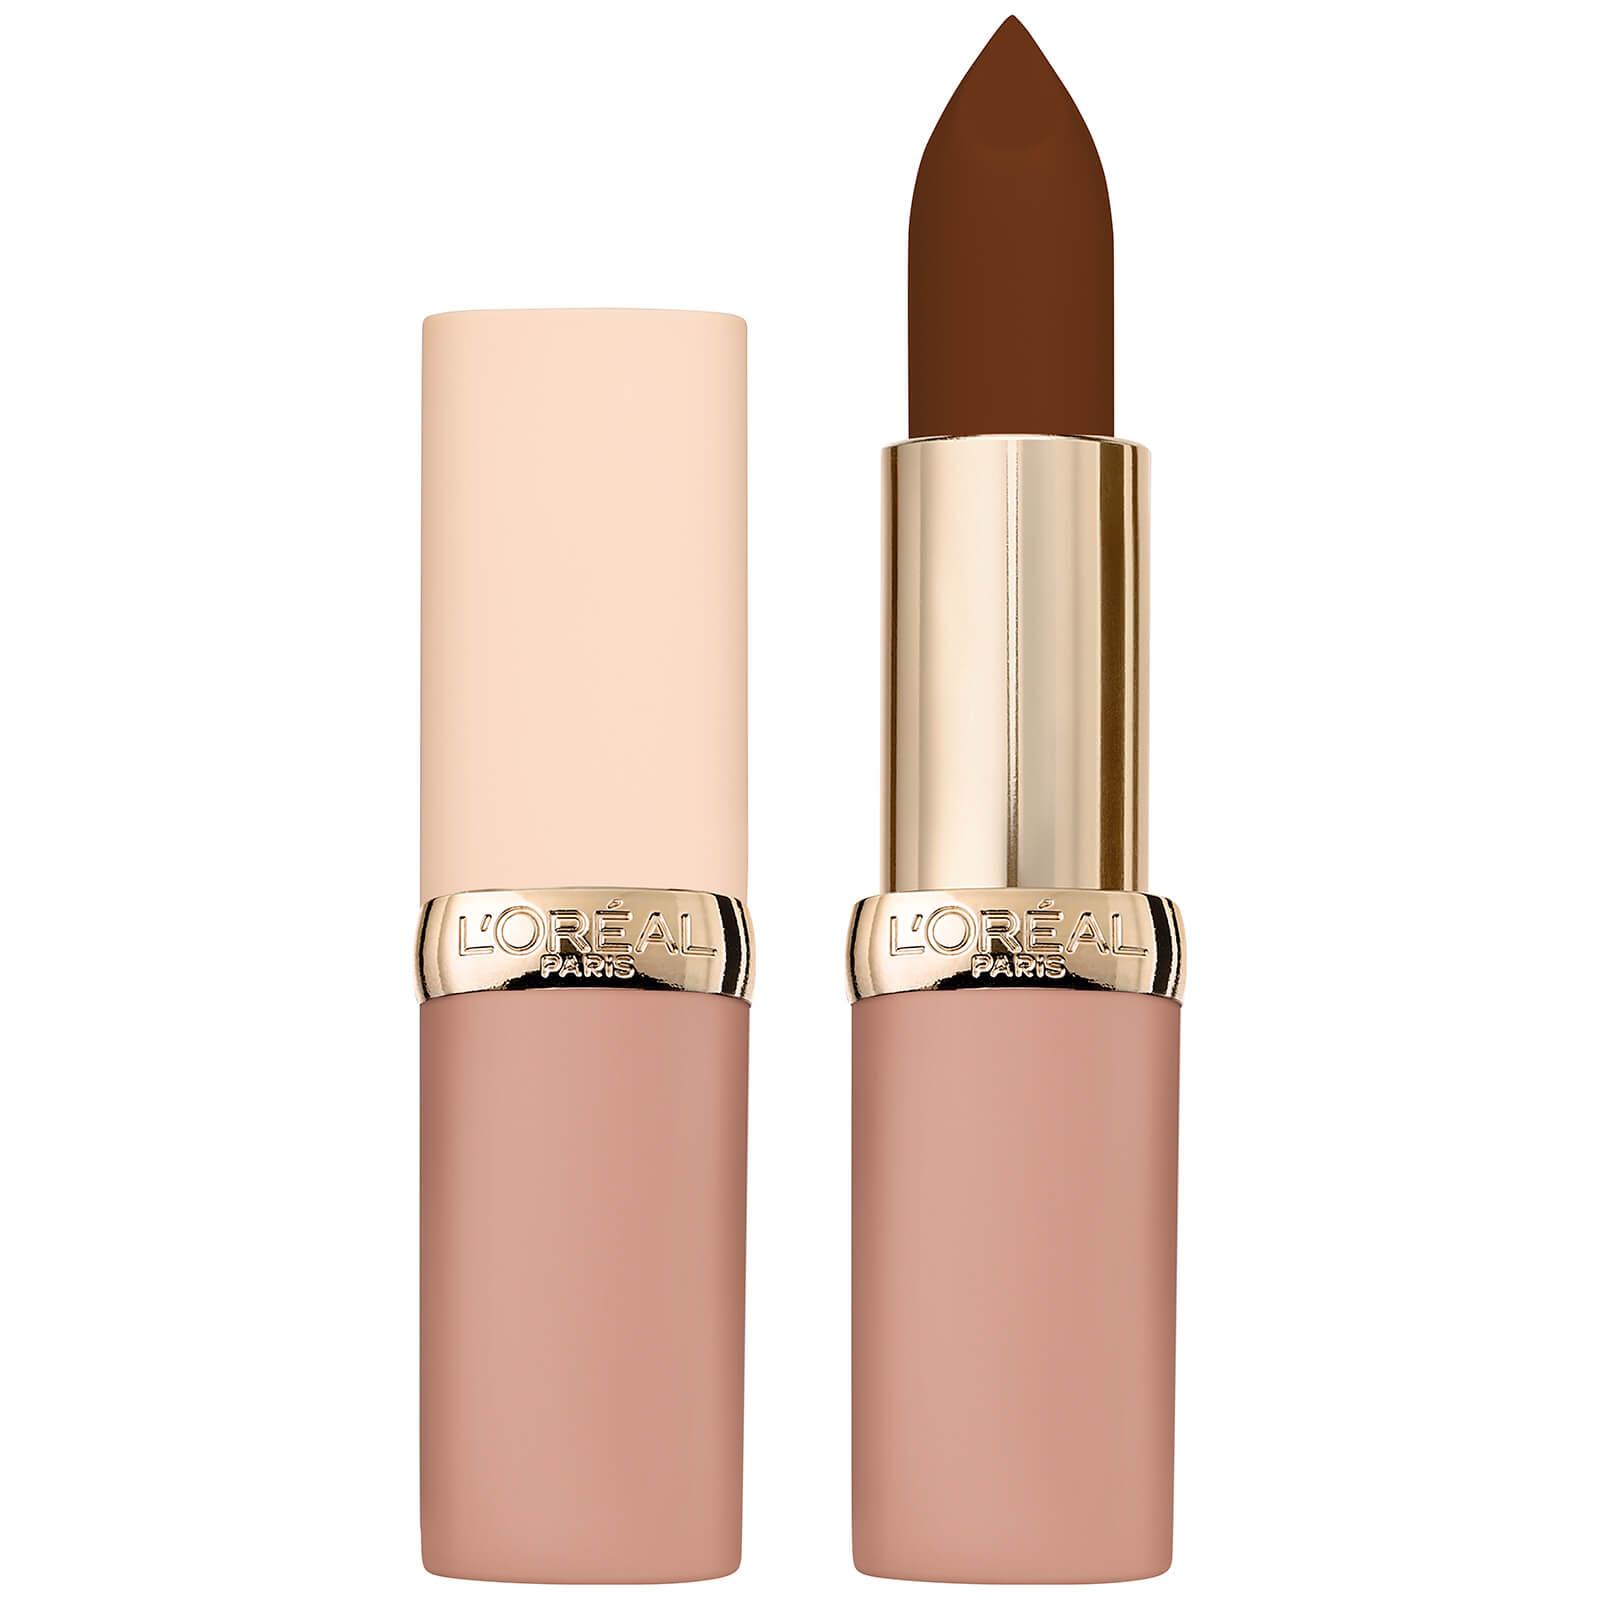 L'Oréal Paris Color Riche Ultra-Matte Nude Lipstick 5g (Various Shades) - 1 11 No Dependency